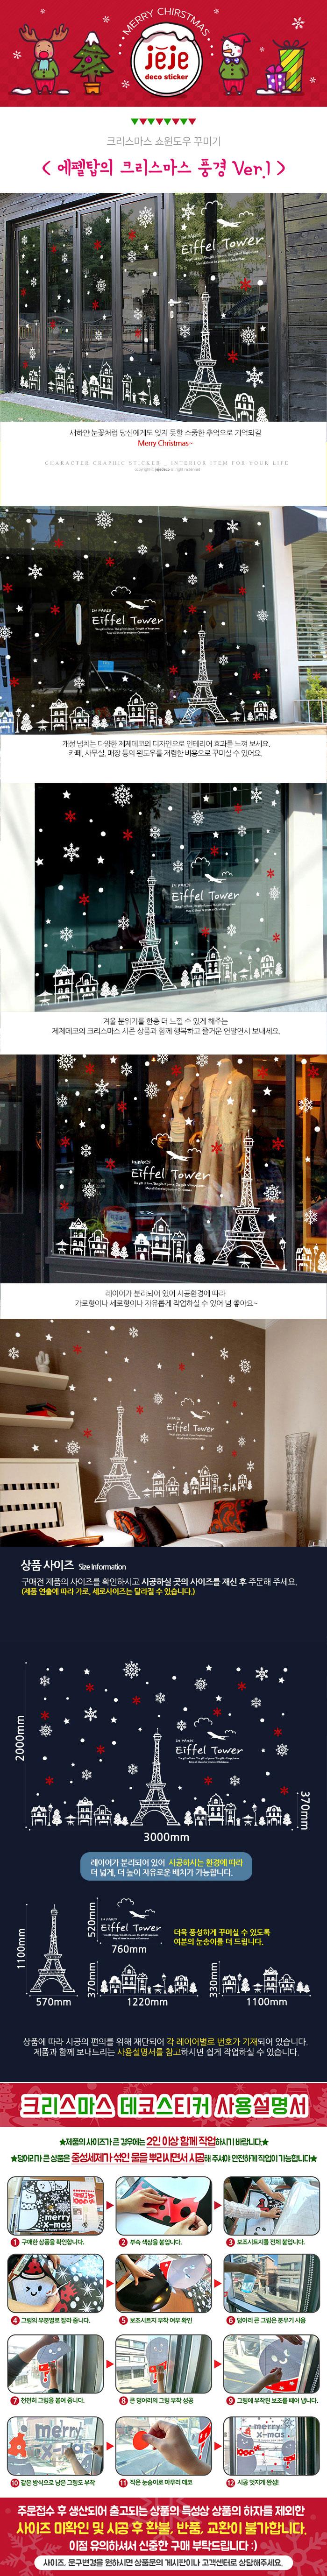 크리스마스 시트지 눈꽃 스티커 19CMJS5048 - 제제데코, 48,000원, 월데코스티커, 계절/시즌